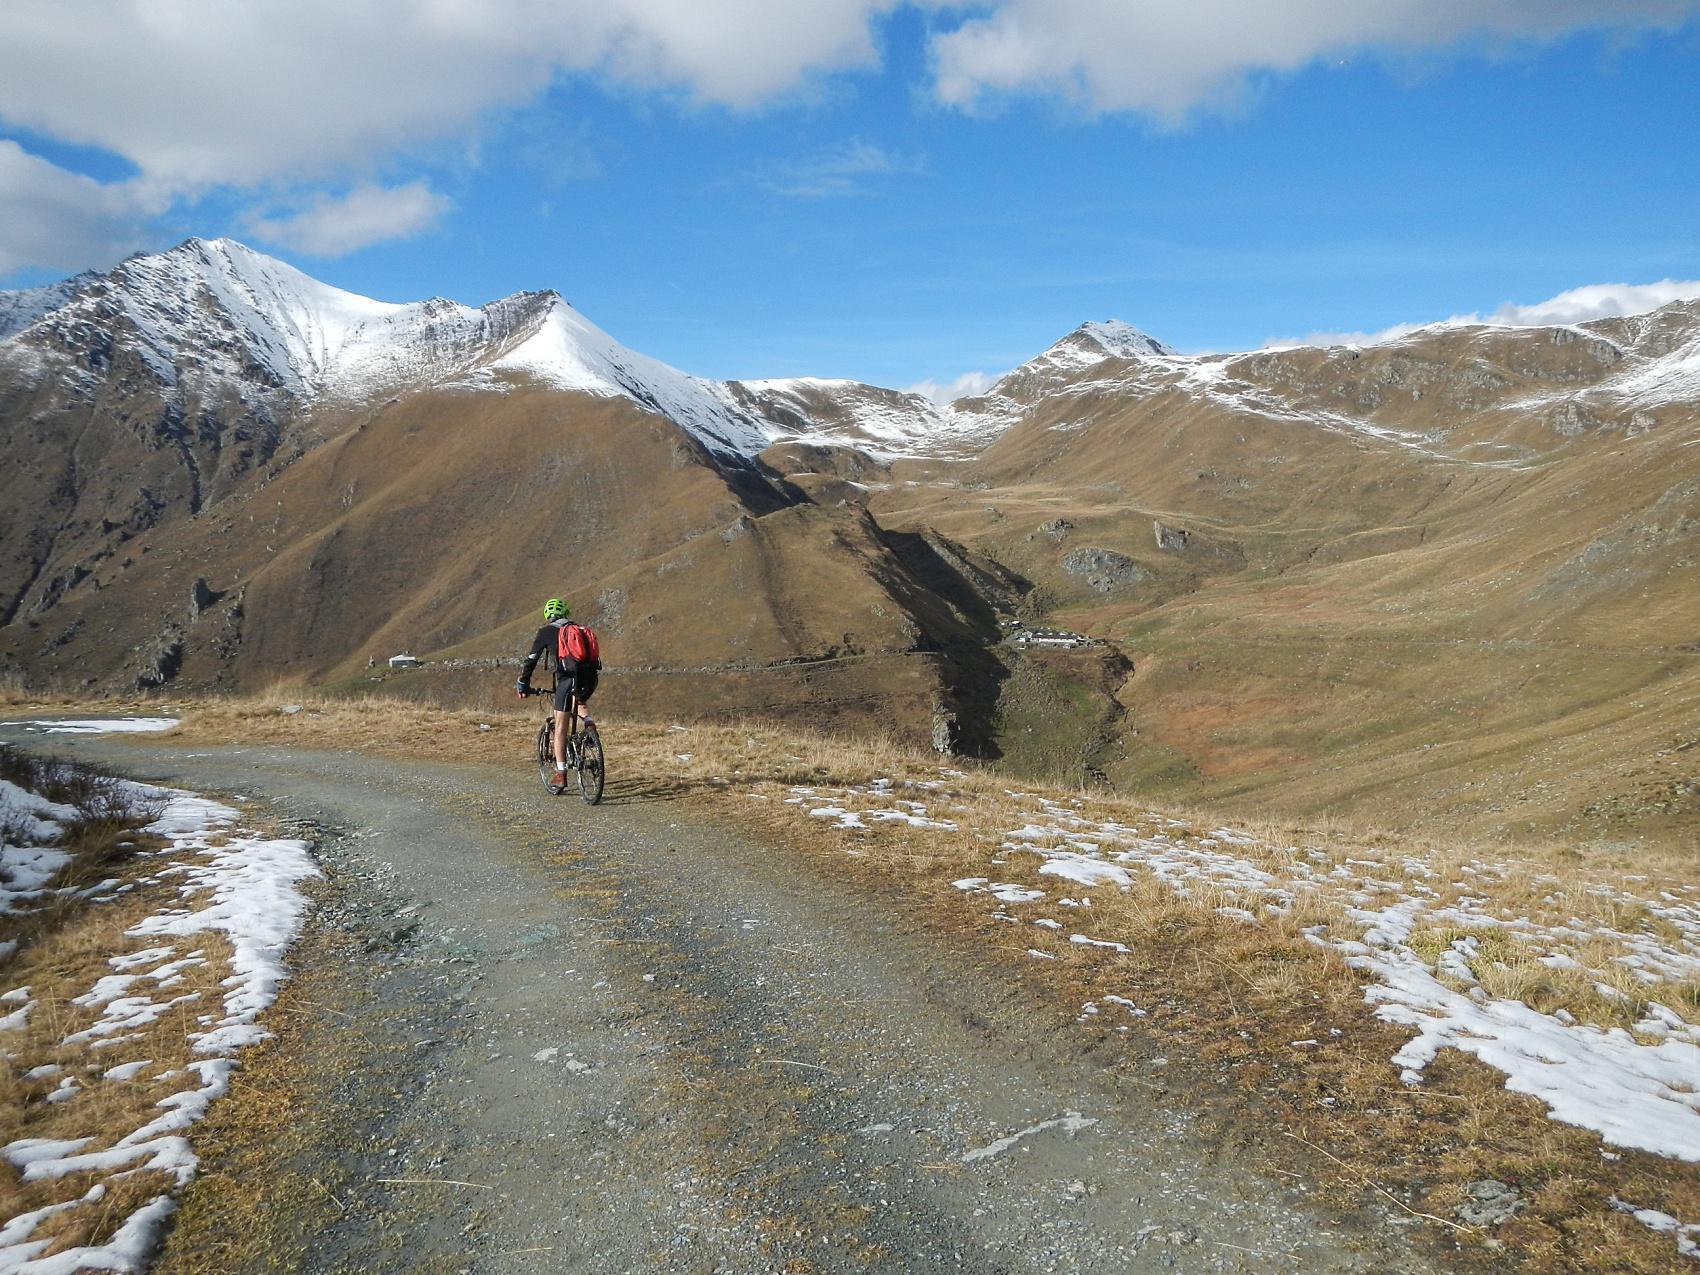 l'Alpe della Portia